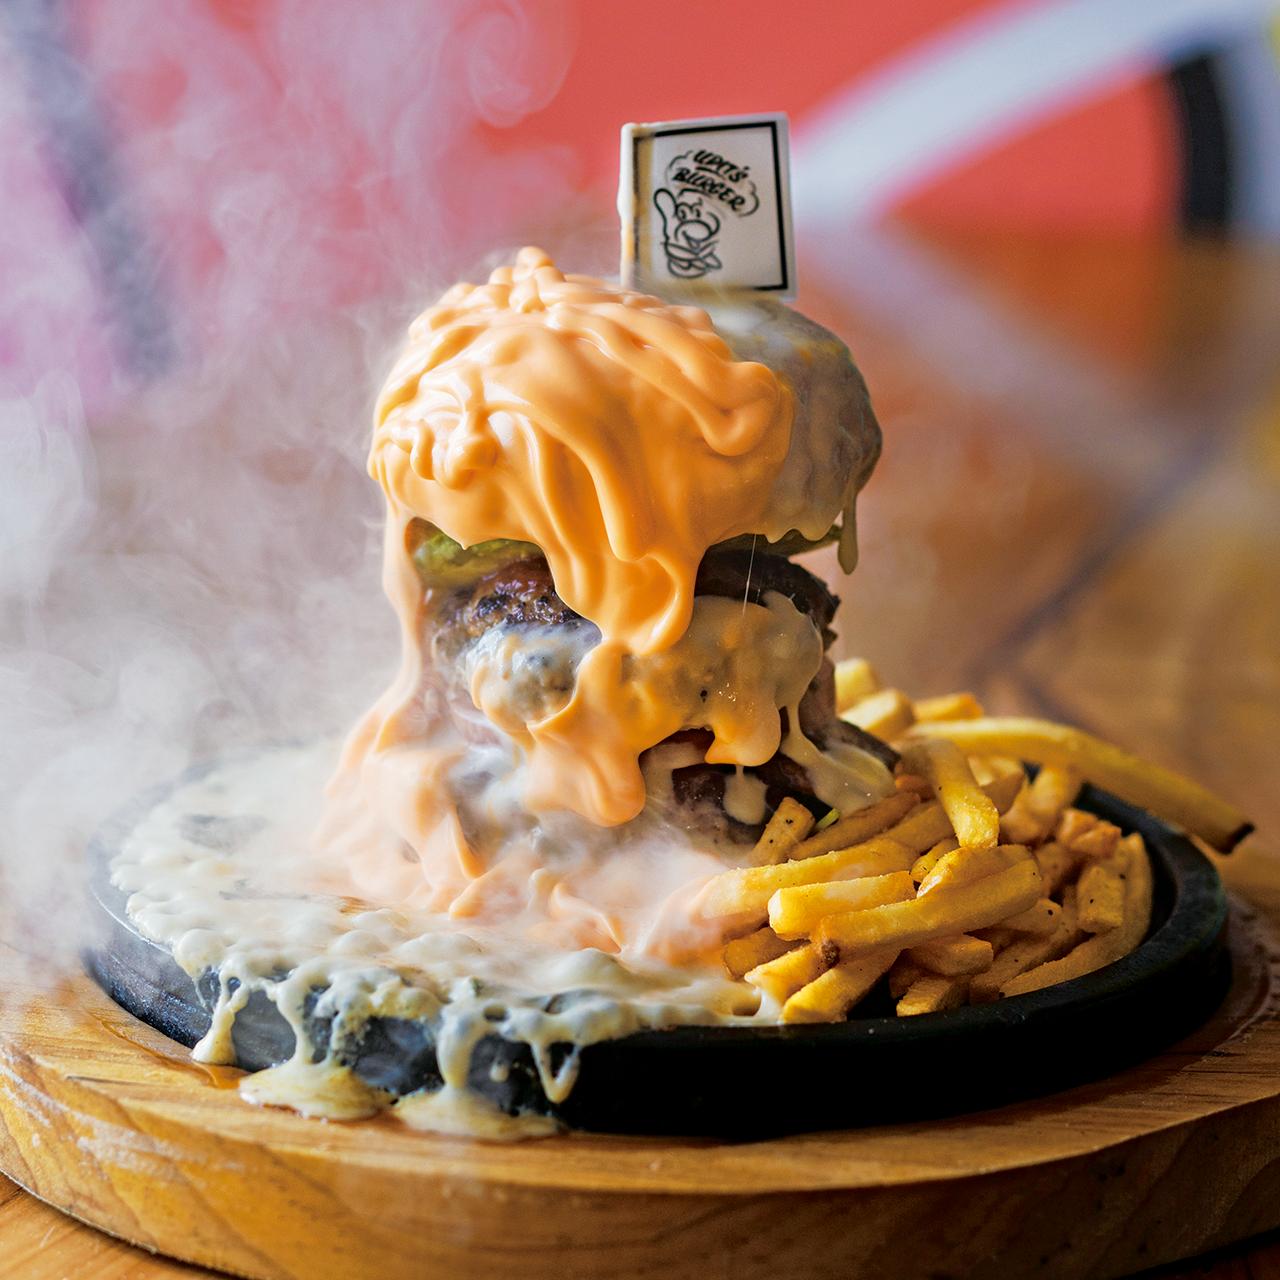 ナチュラルとチェダーのチーズ層が豪快に流れる名物バーガー・溶岩d e チーズバーガープレート1680円(税込)。仕上げの炎でテンションMAX